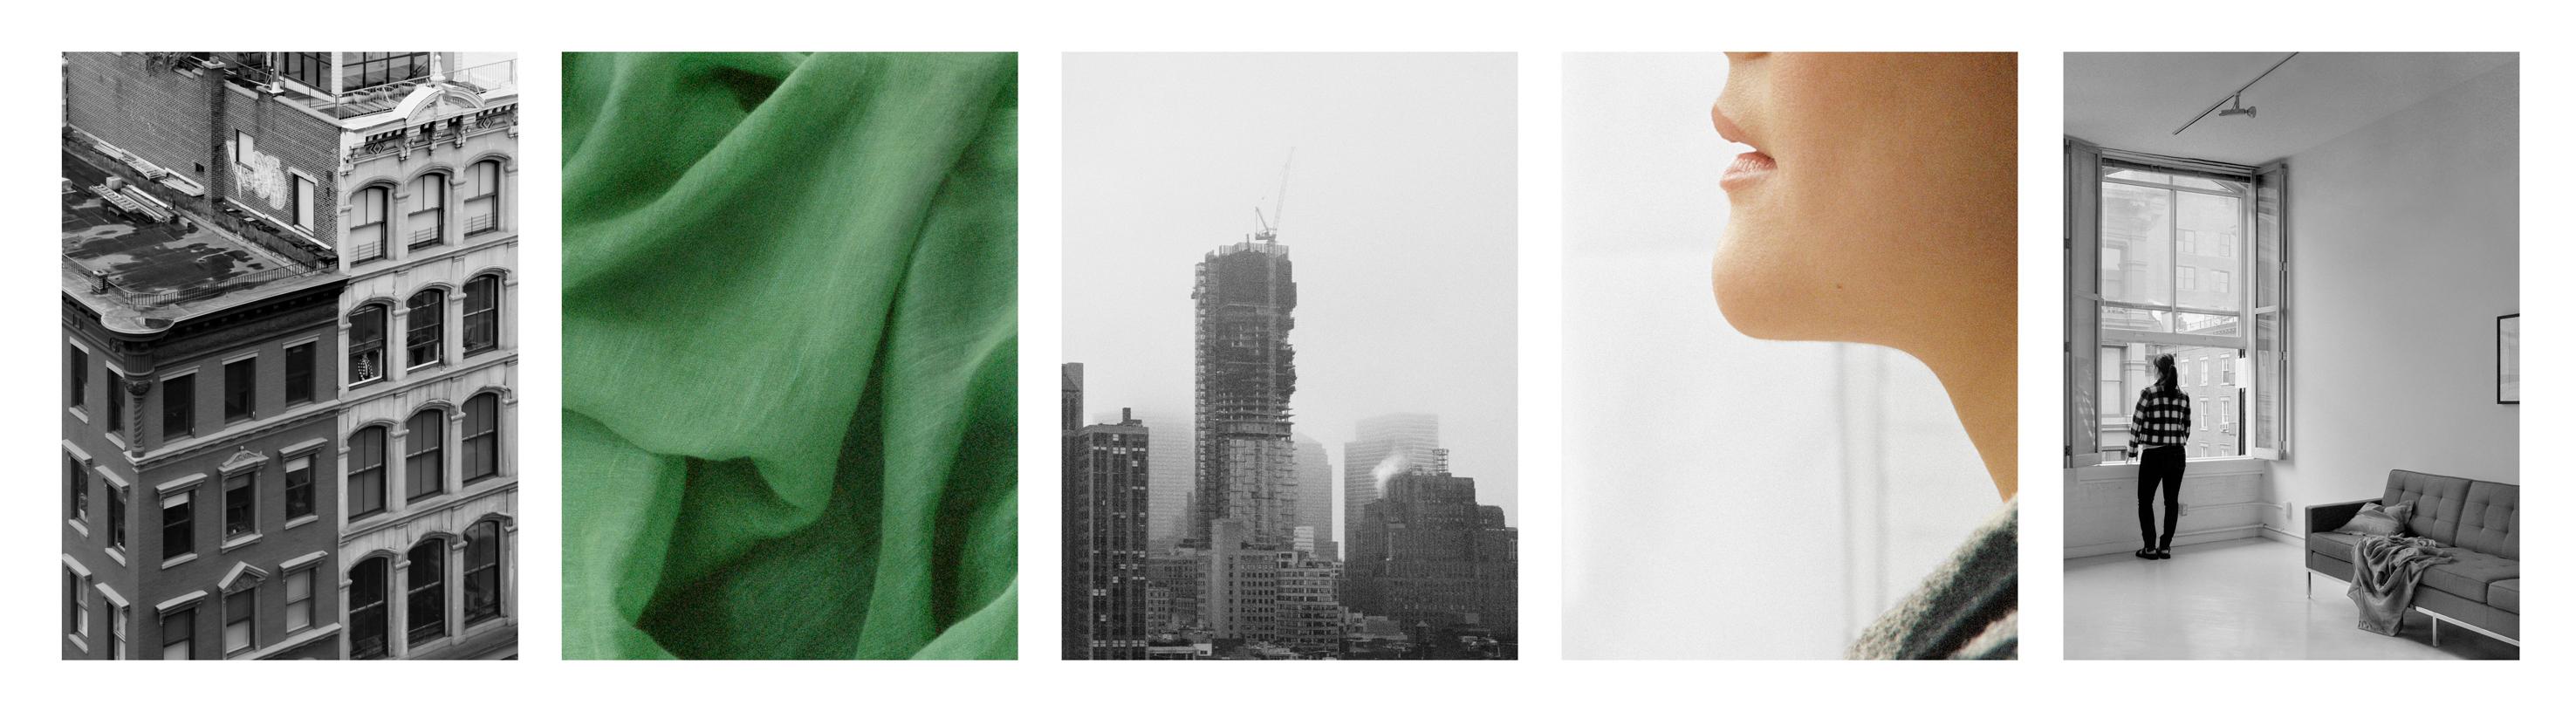 » Exposure #116: N.Y.C., 428 Broome Street, 04.10.15, 1:11 p.m.